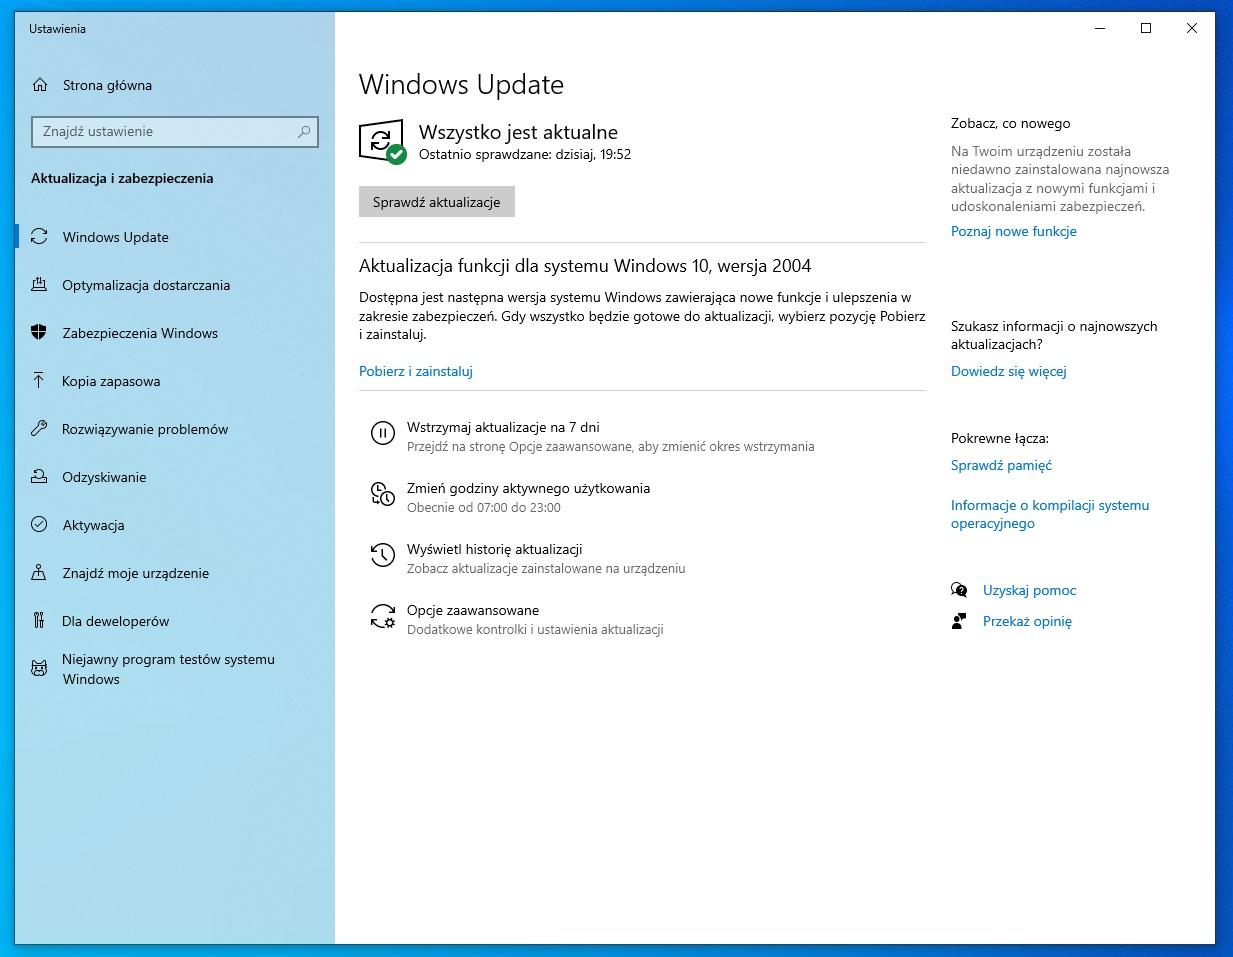 Majowa aktualizacja Windows 10 już dostępna. Co nowego? 18